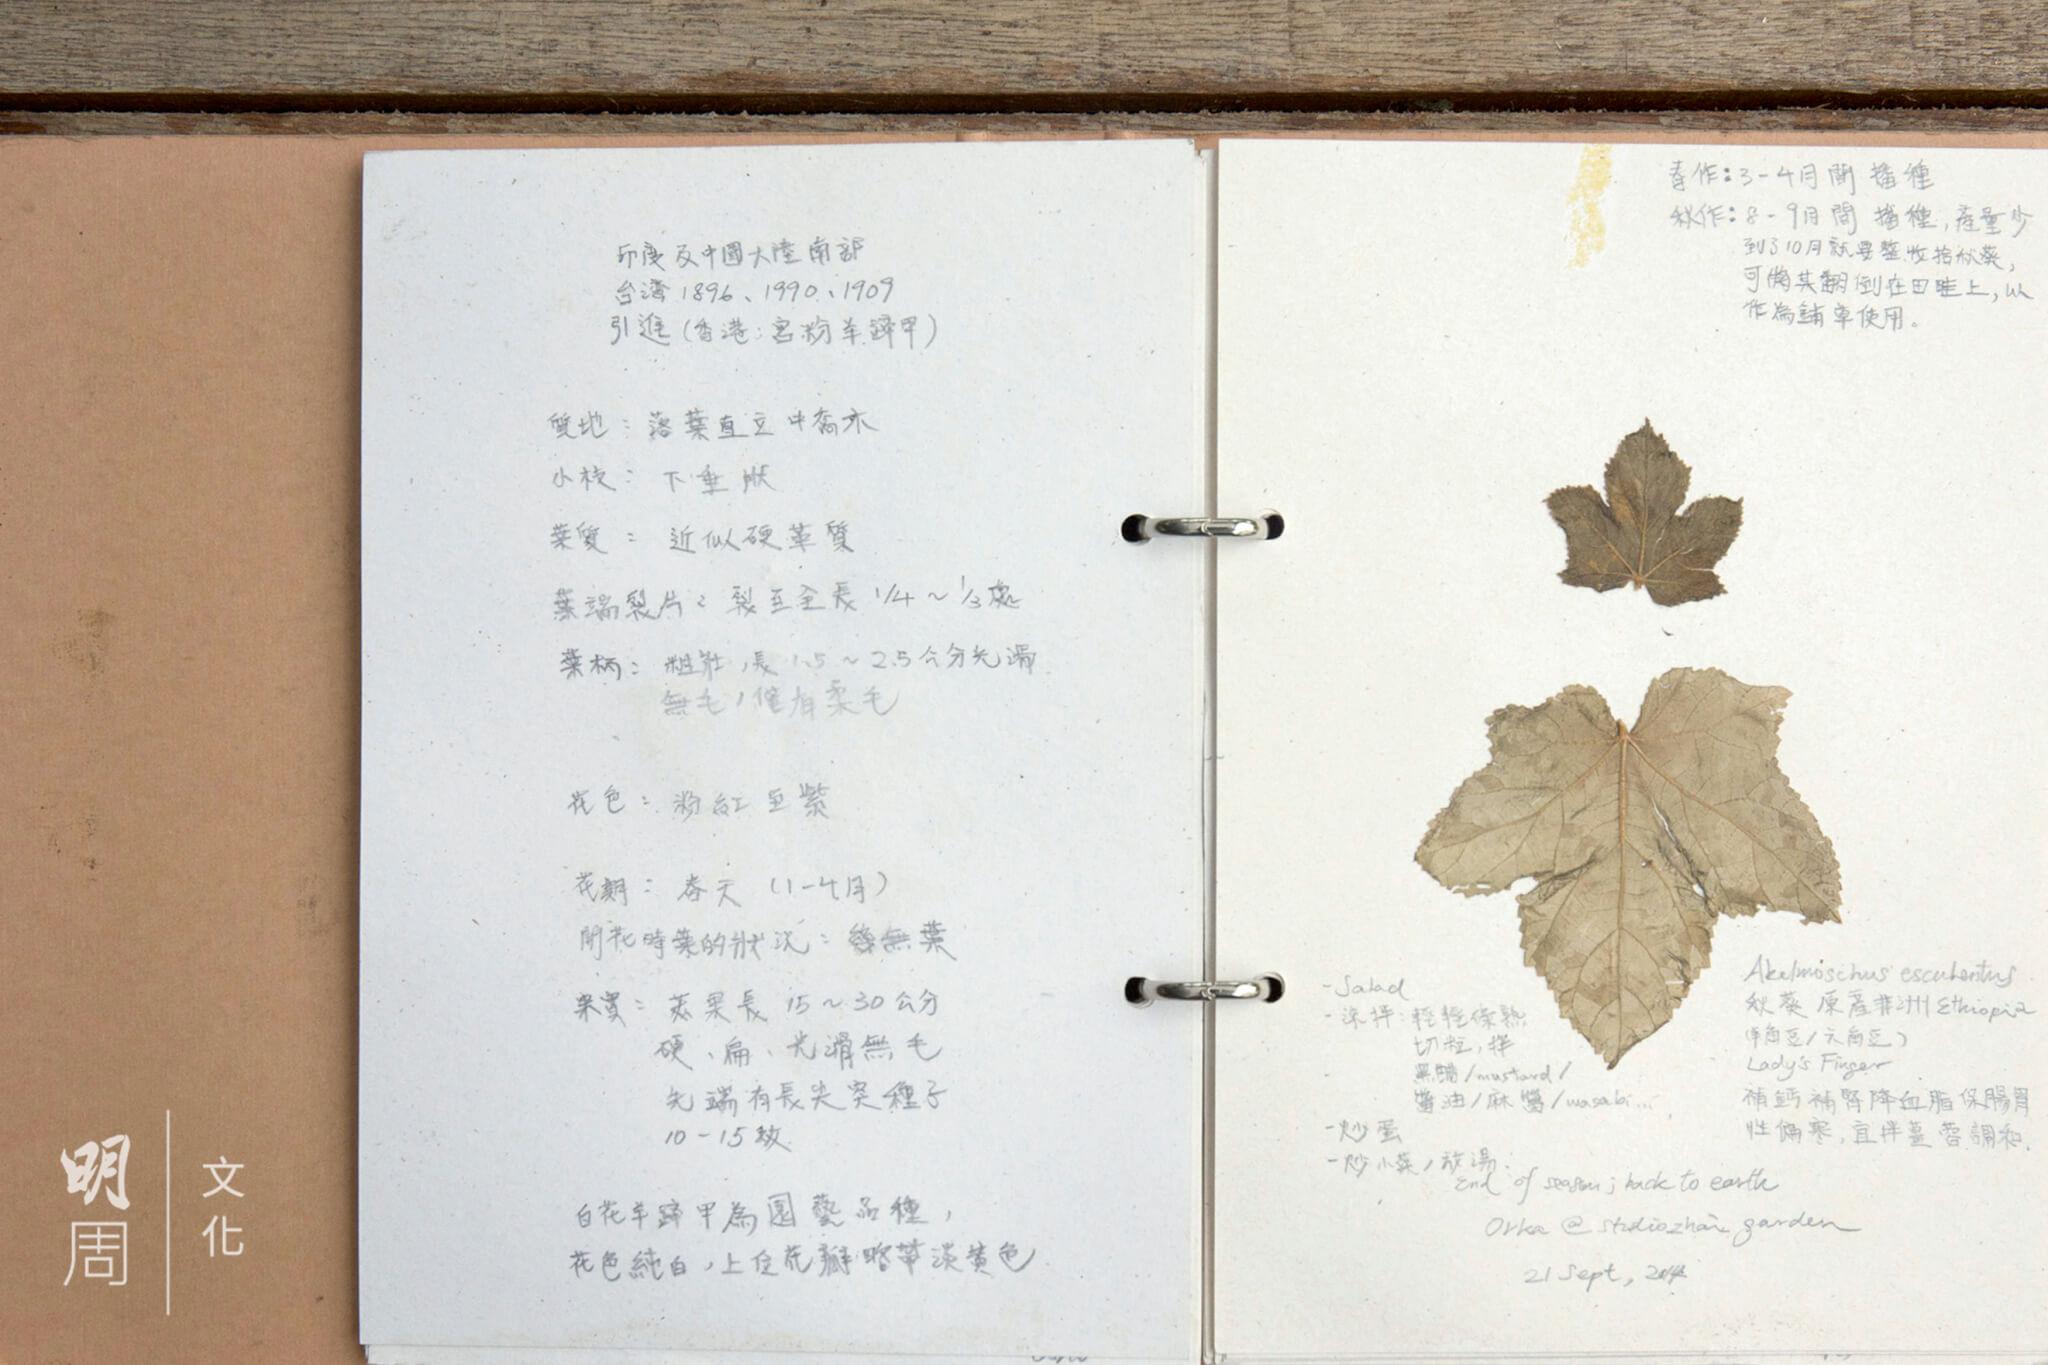 另類的葉子日記,從另一個 角度認識身處的地方。